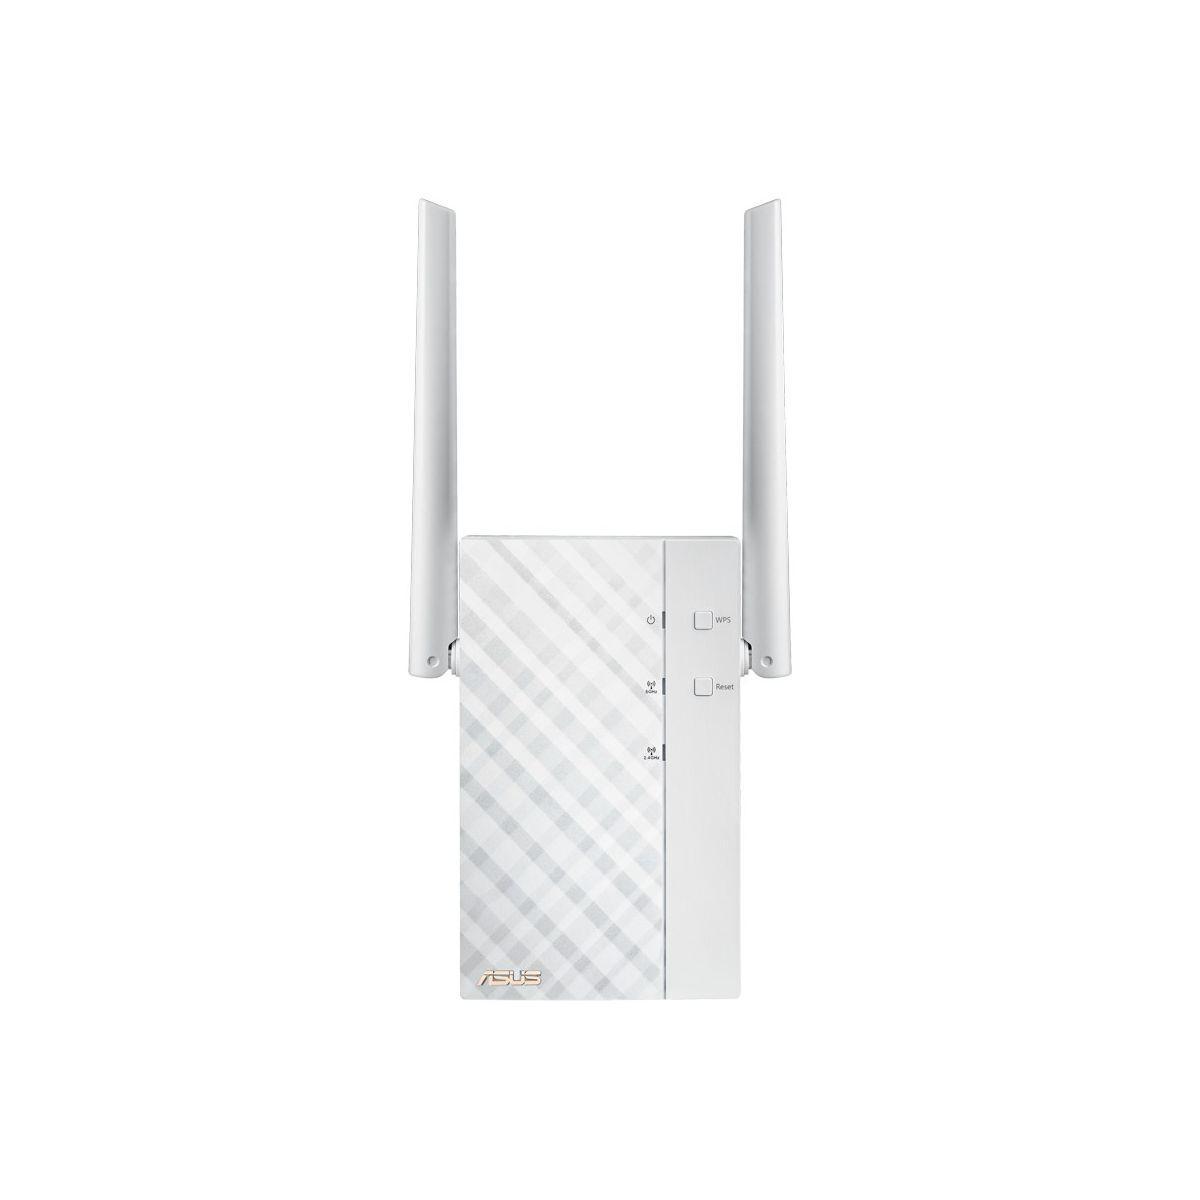 R?p?teur wifi asus double bande ac1200 - 2% de remise imm?diat...